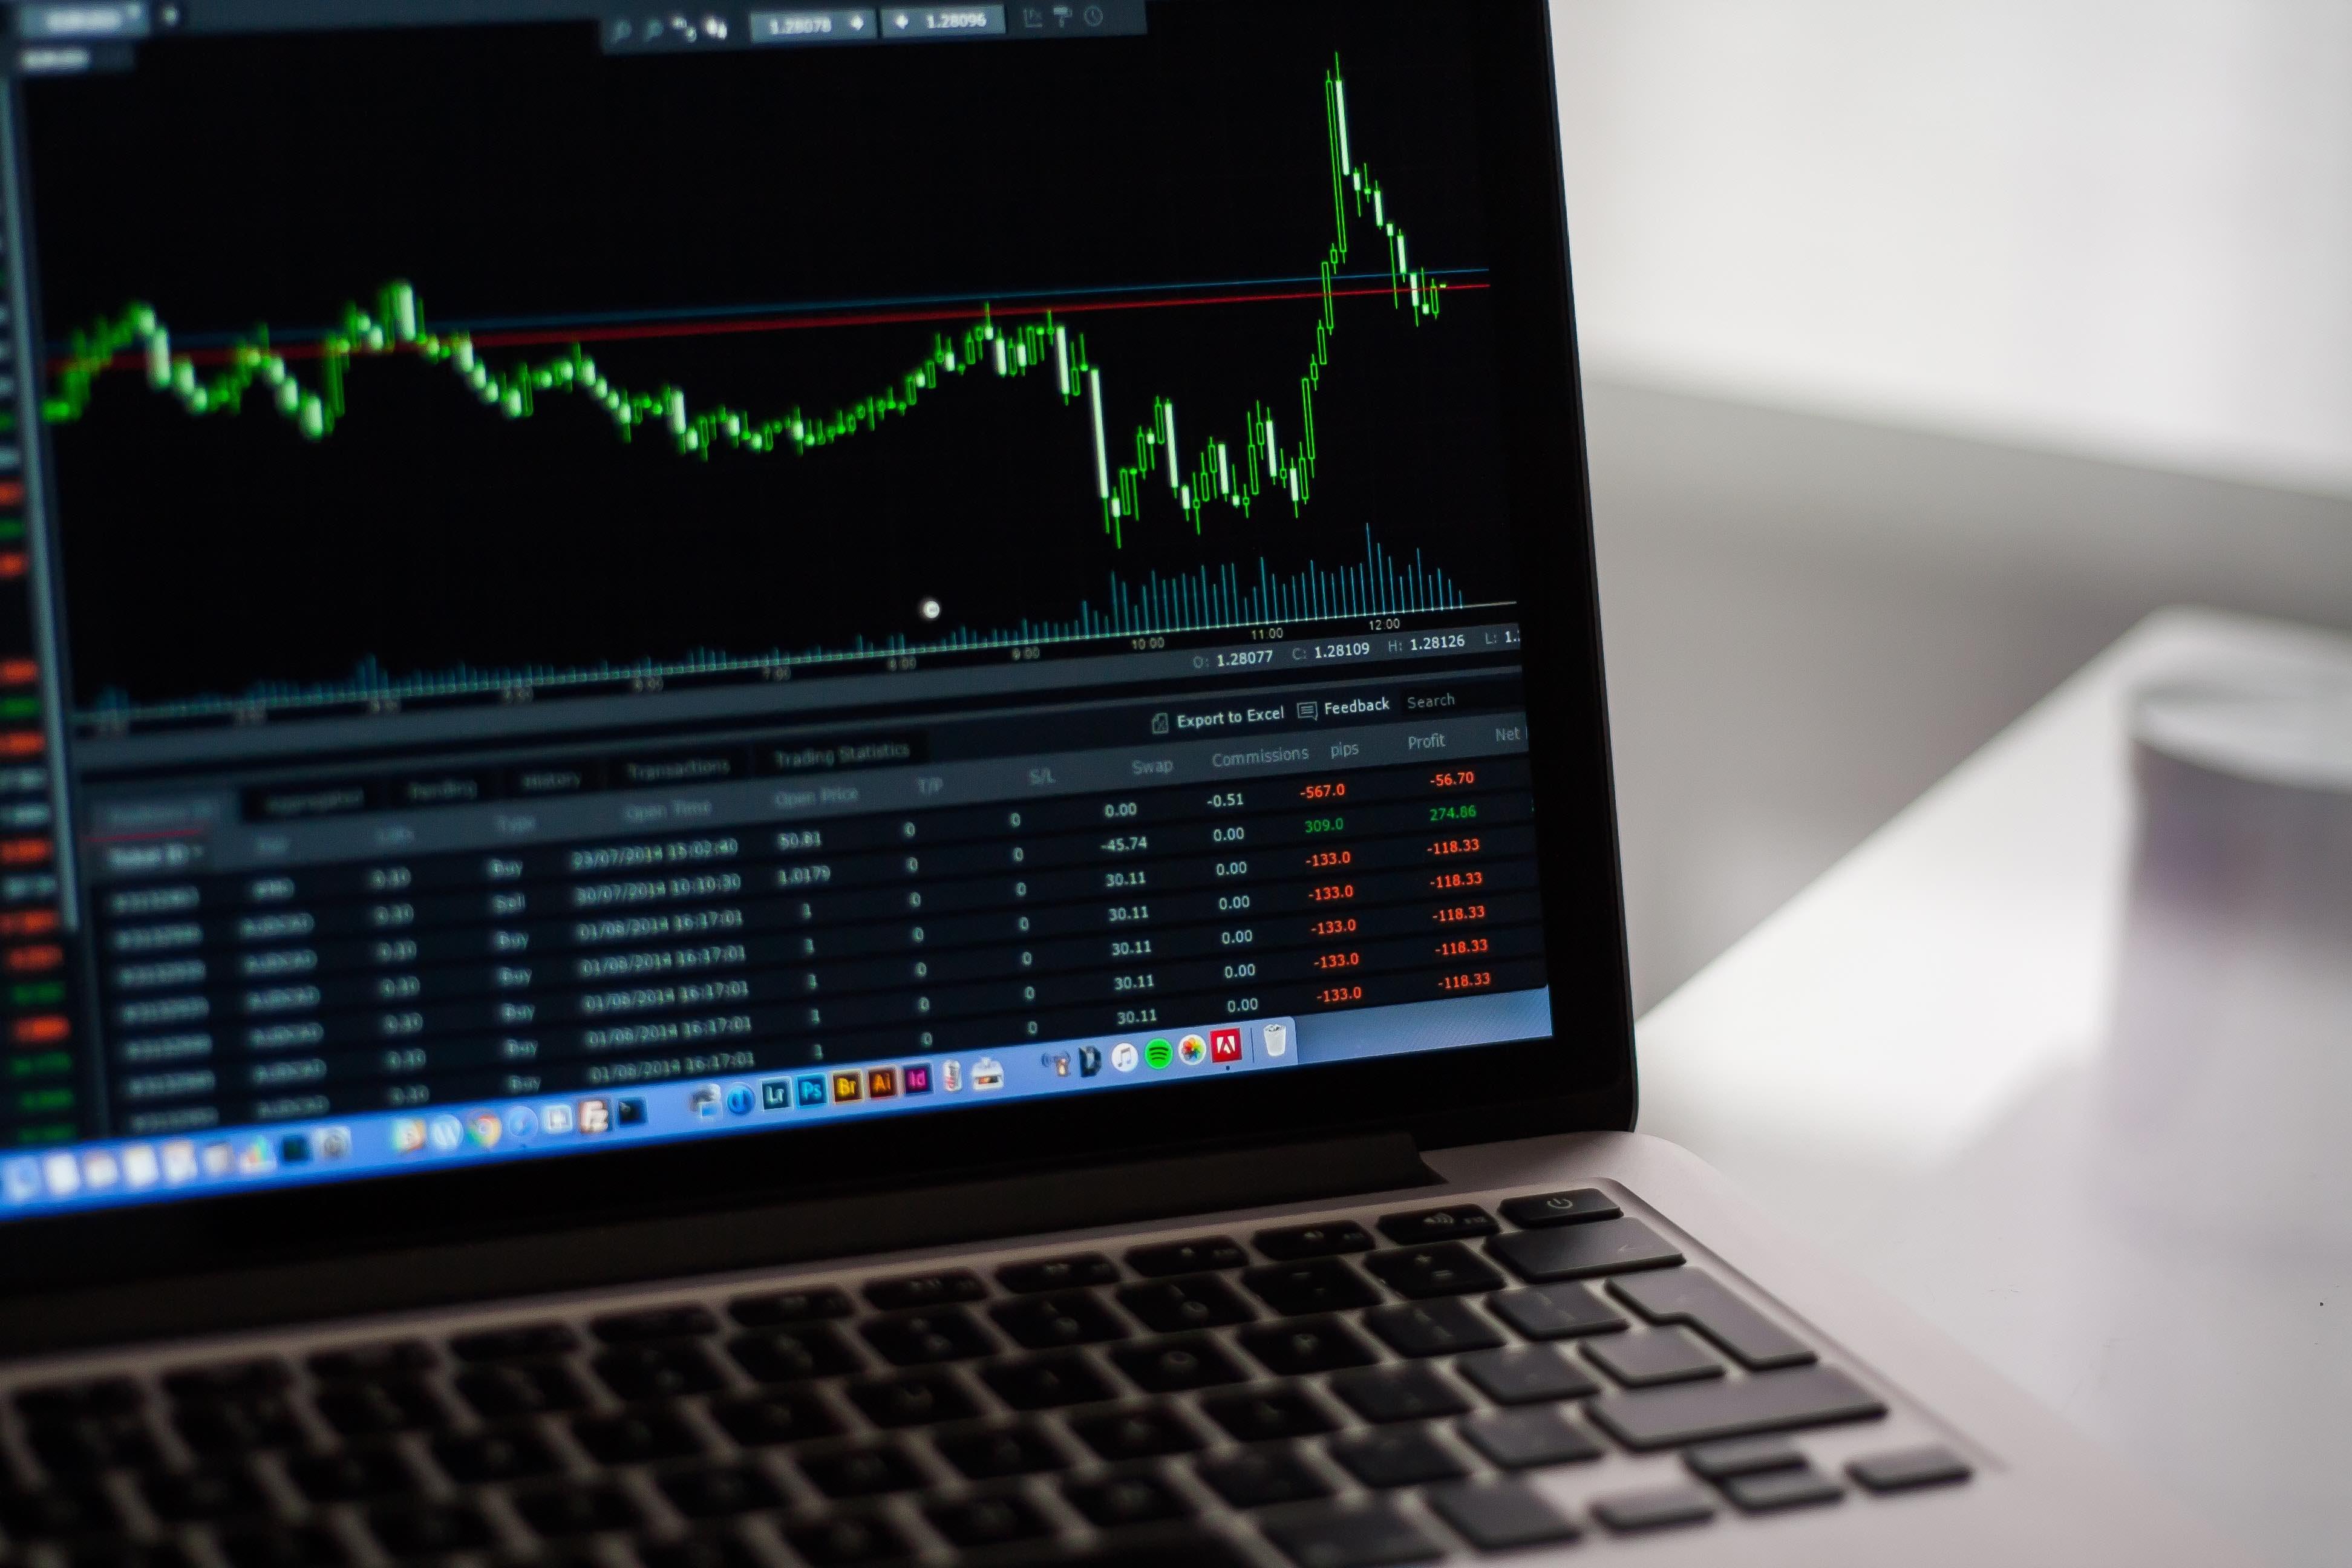 Hoe werkt indexbeleggen?